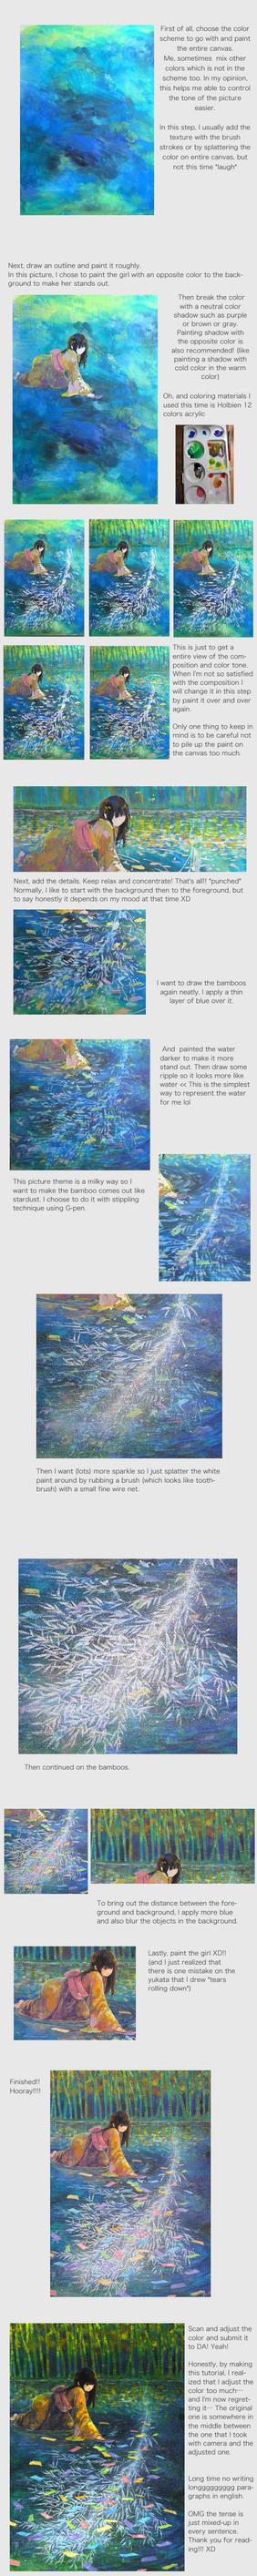 Acrylic painting tutorial by miimork